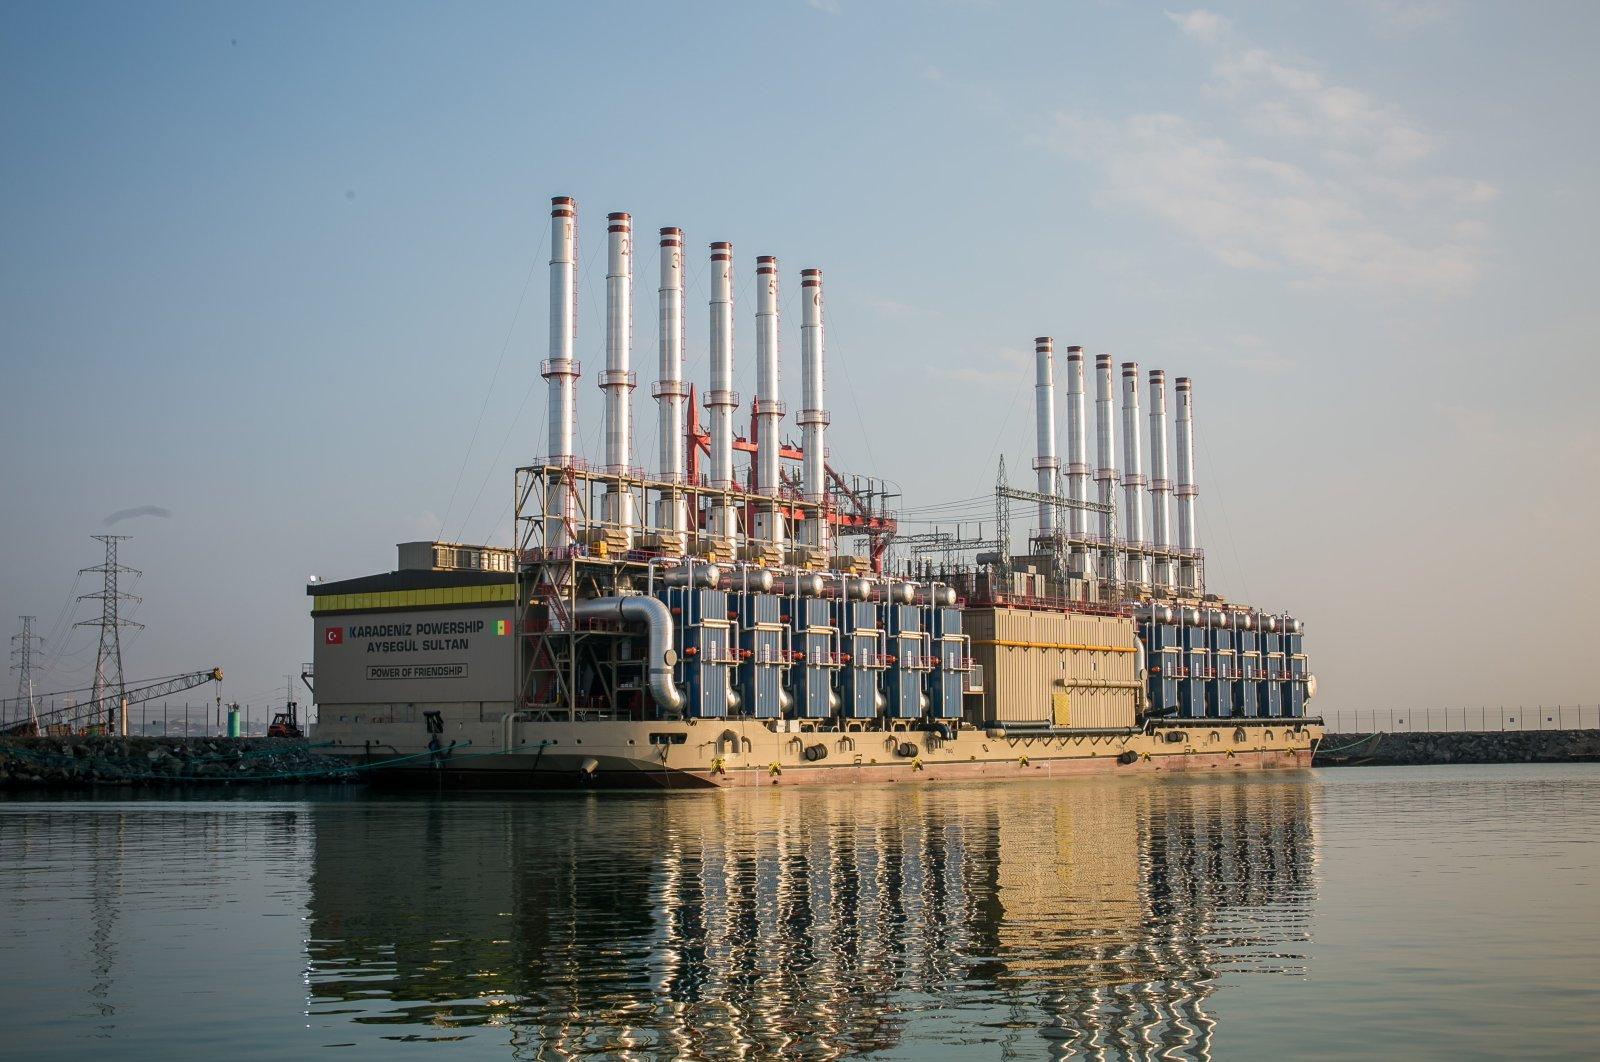 Karpowership's 235-megawatt-capacity powership, Ayşegül Sultan, was sent to Senegal to meet 15% of country's electricity needs. (Karpowership via AA)